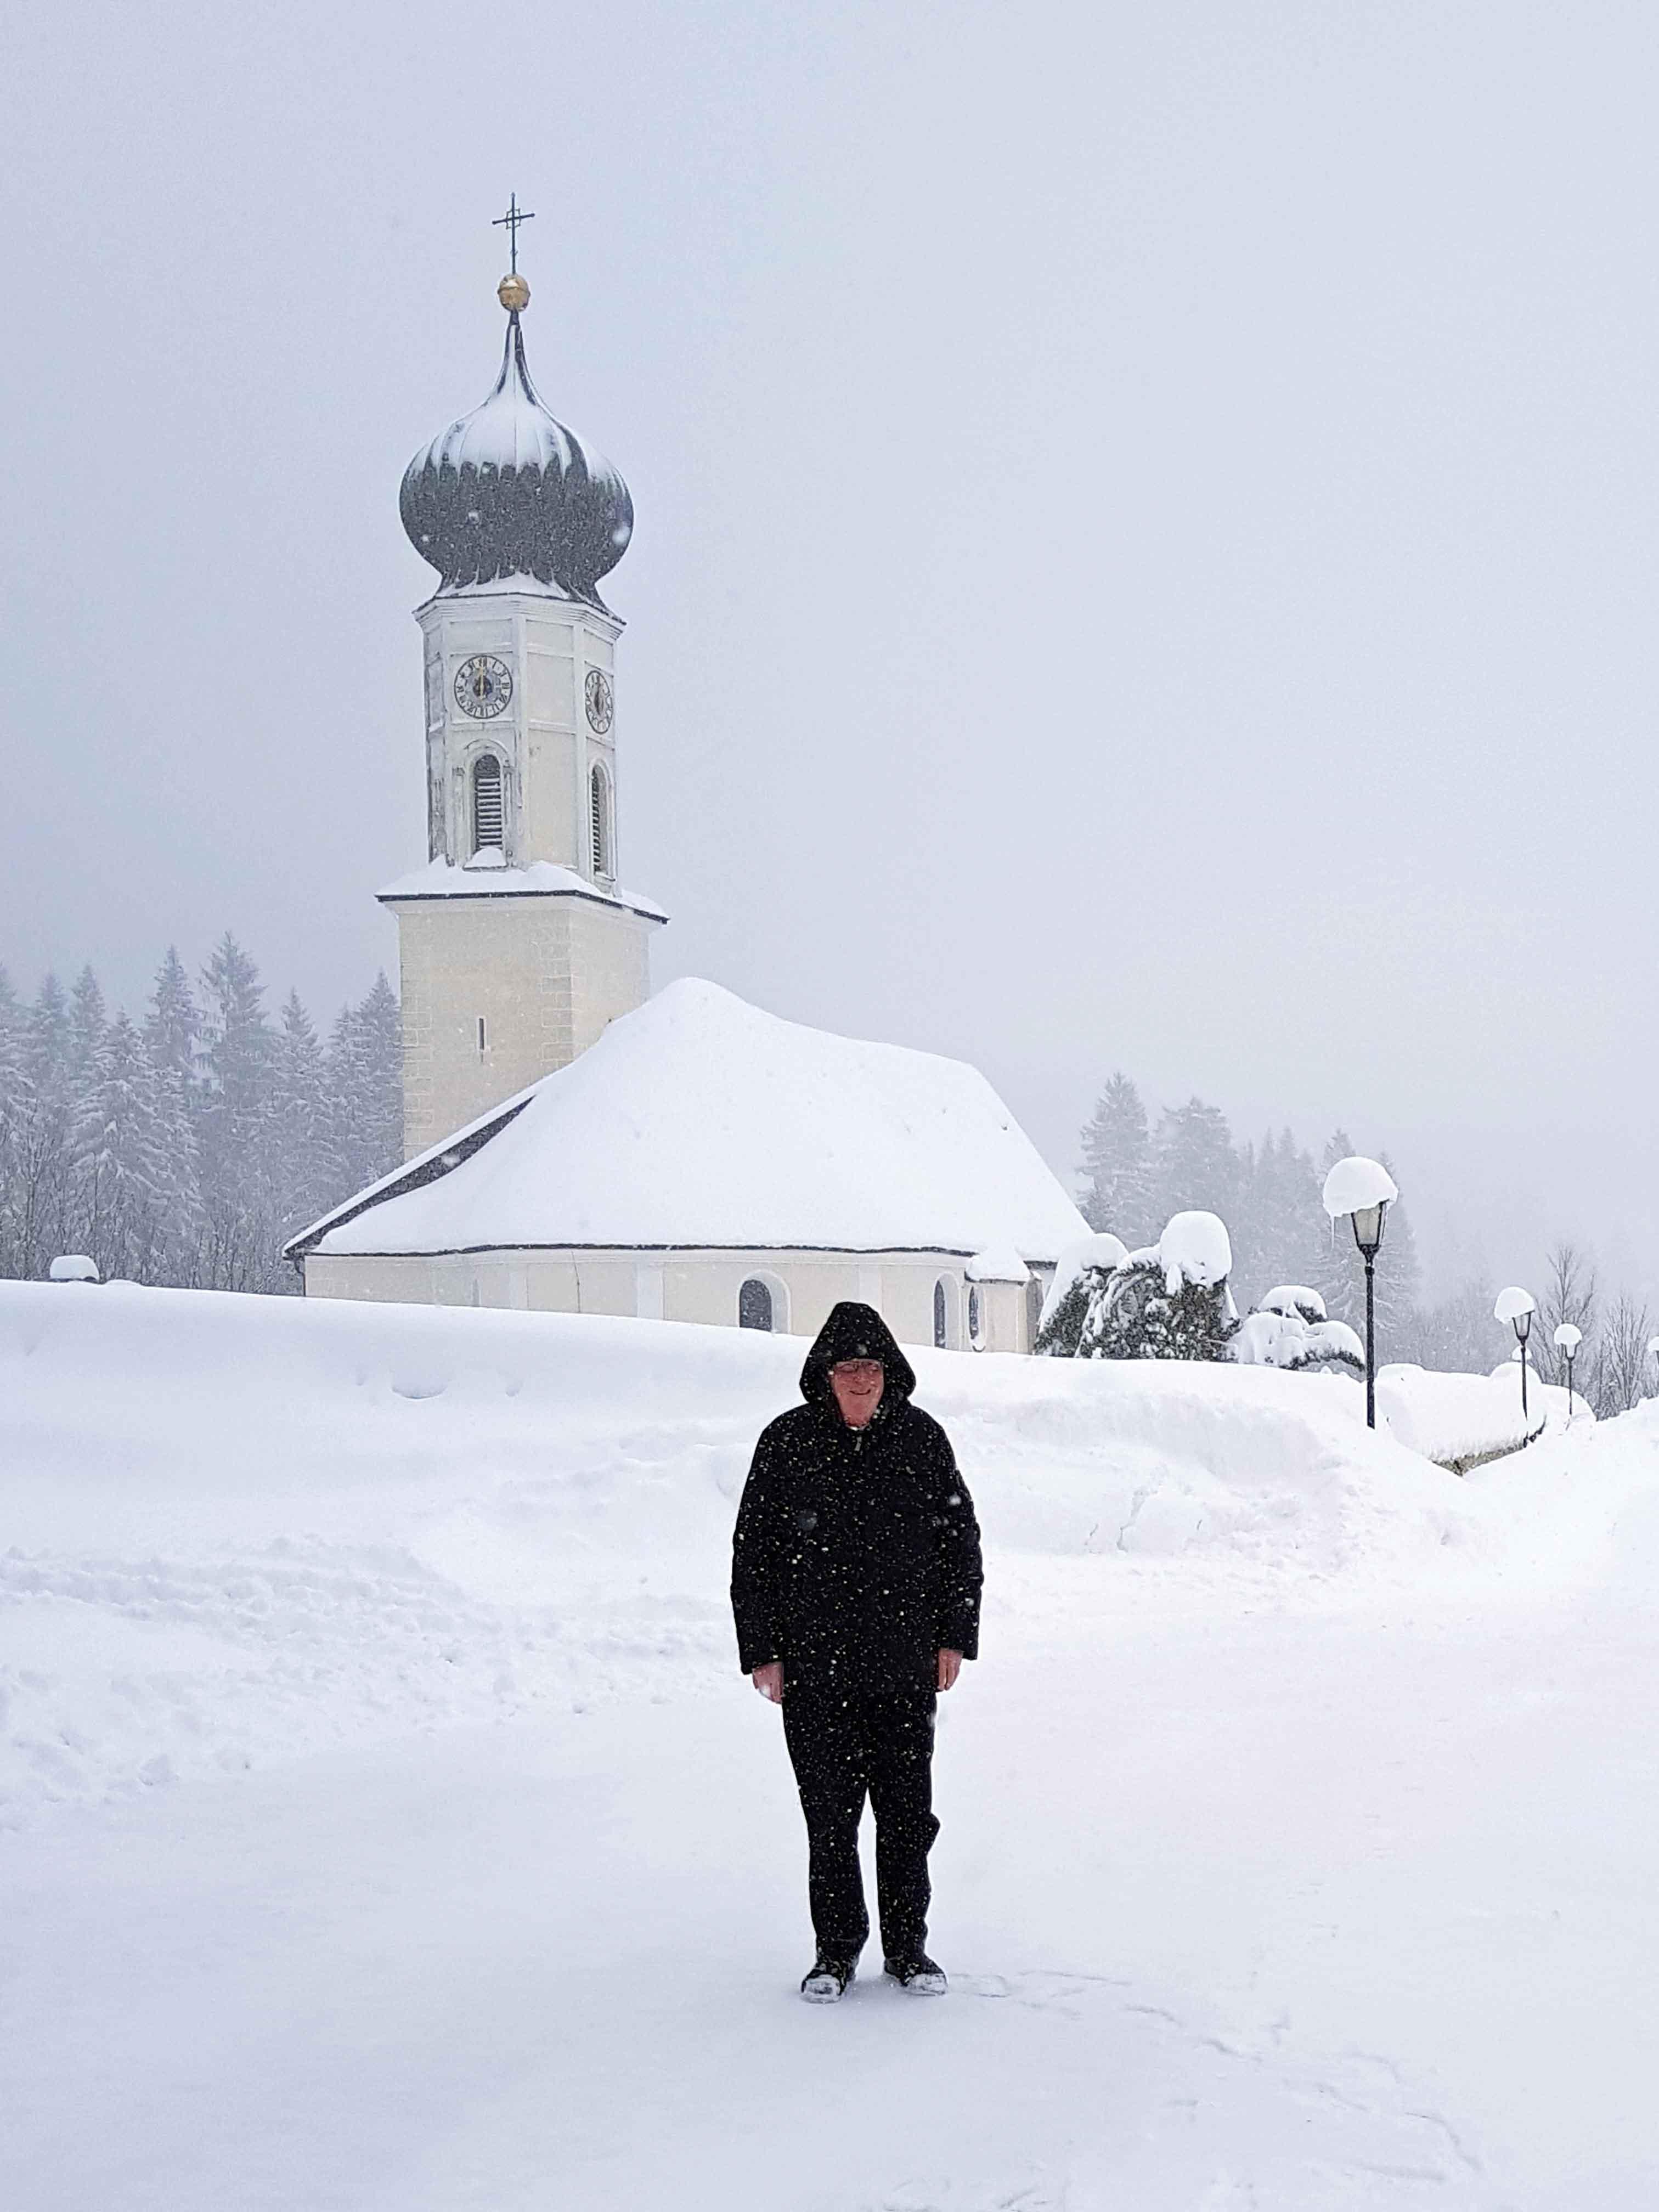 Nimmt die Situation mit Humor und einer gesunden Portion Gelassenheit: Pfarrer Willi Milz vor seiner von Schneemassen umgebenen Pfarrkirche St. Nikolaus. (Foto: privat)